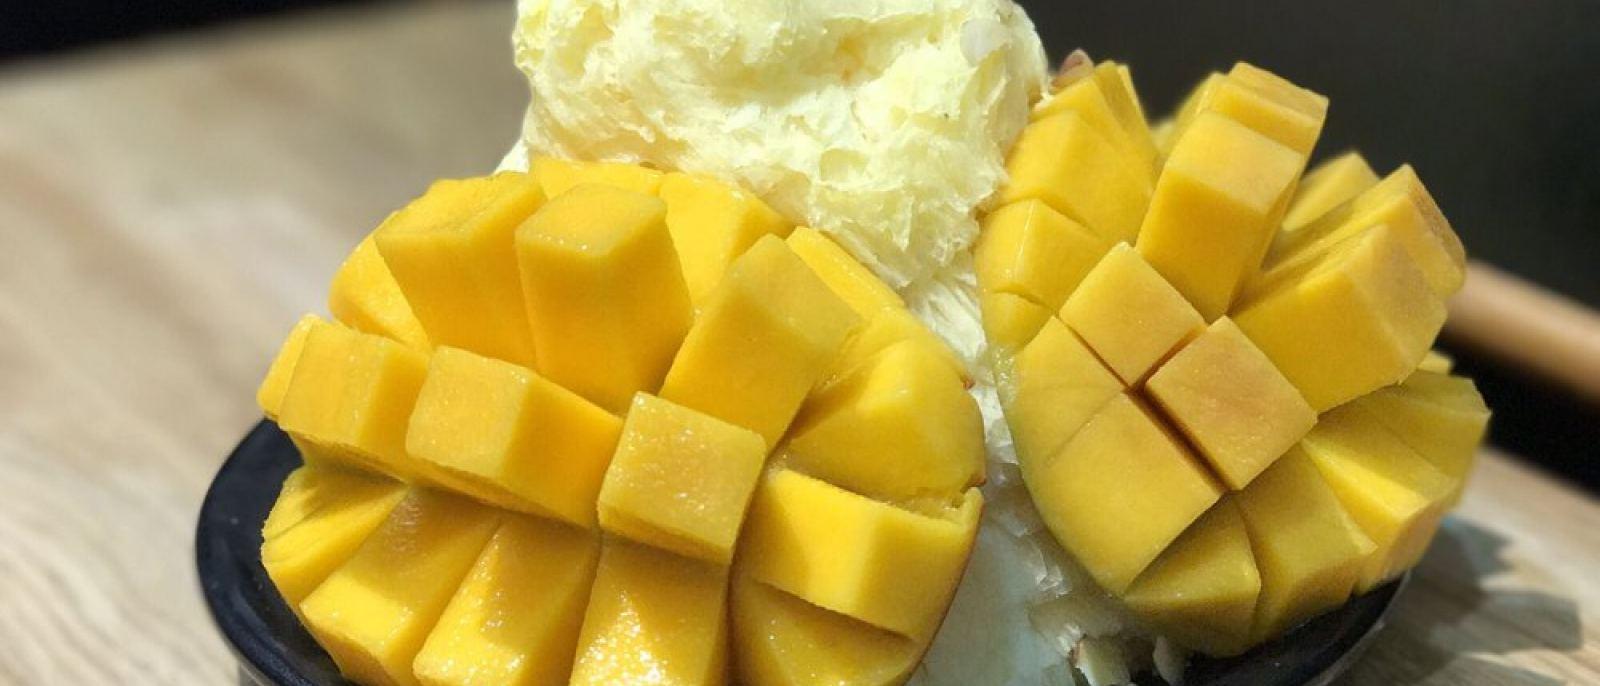 Mango ice flakes at Oakobing | Photo: Kong O, Yelp